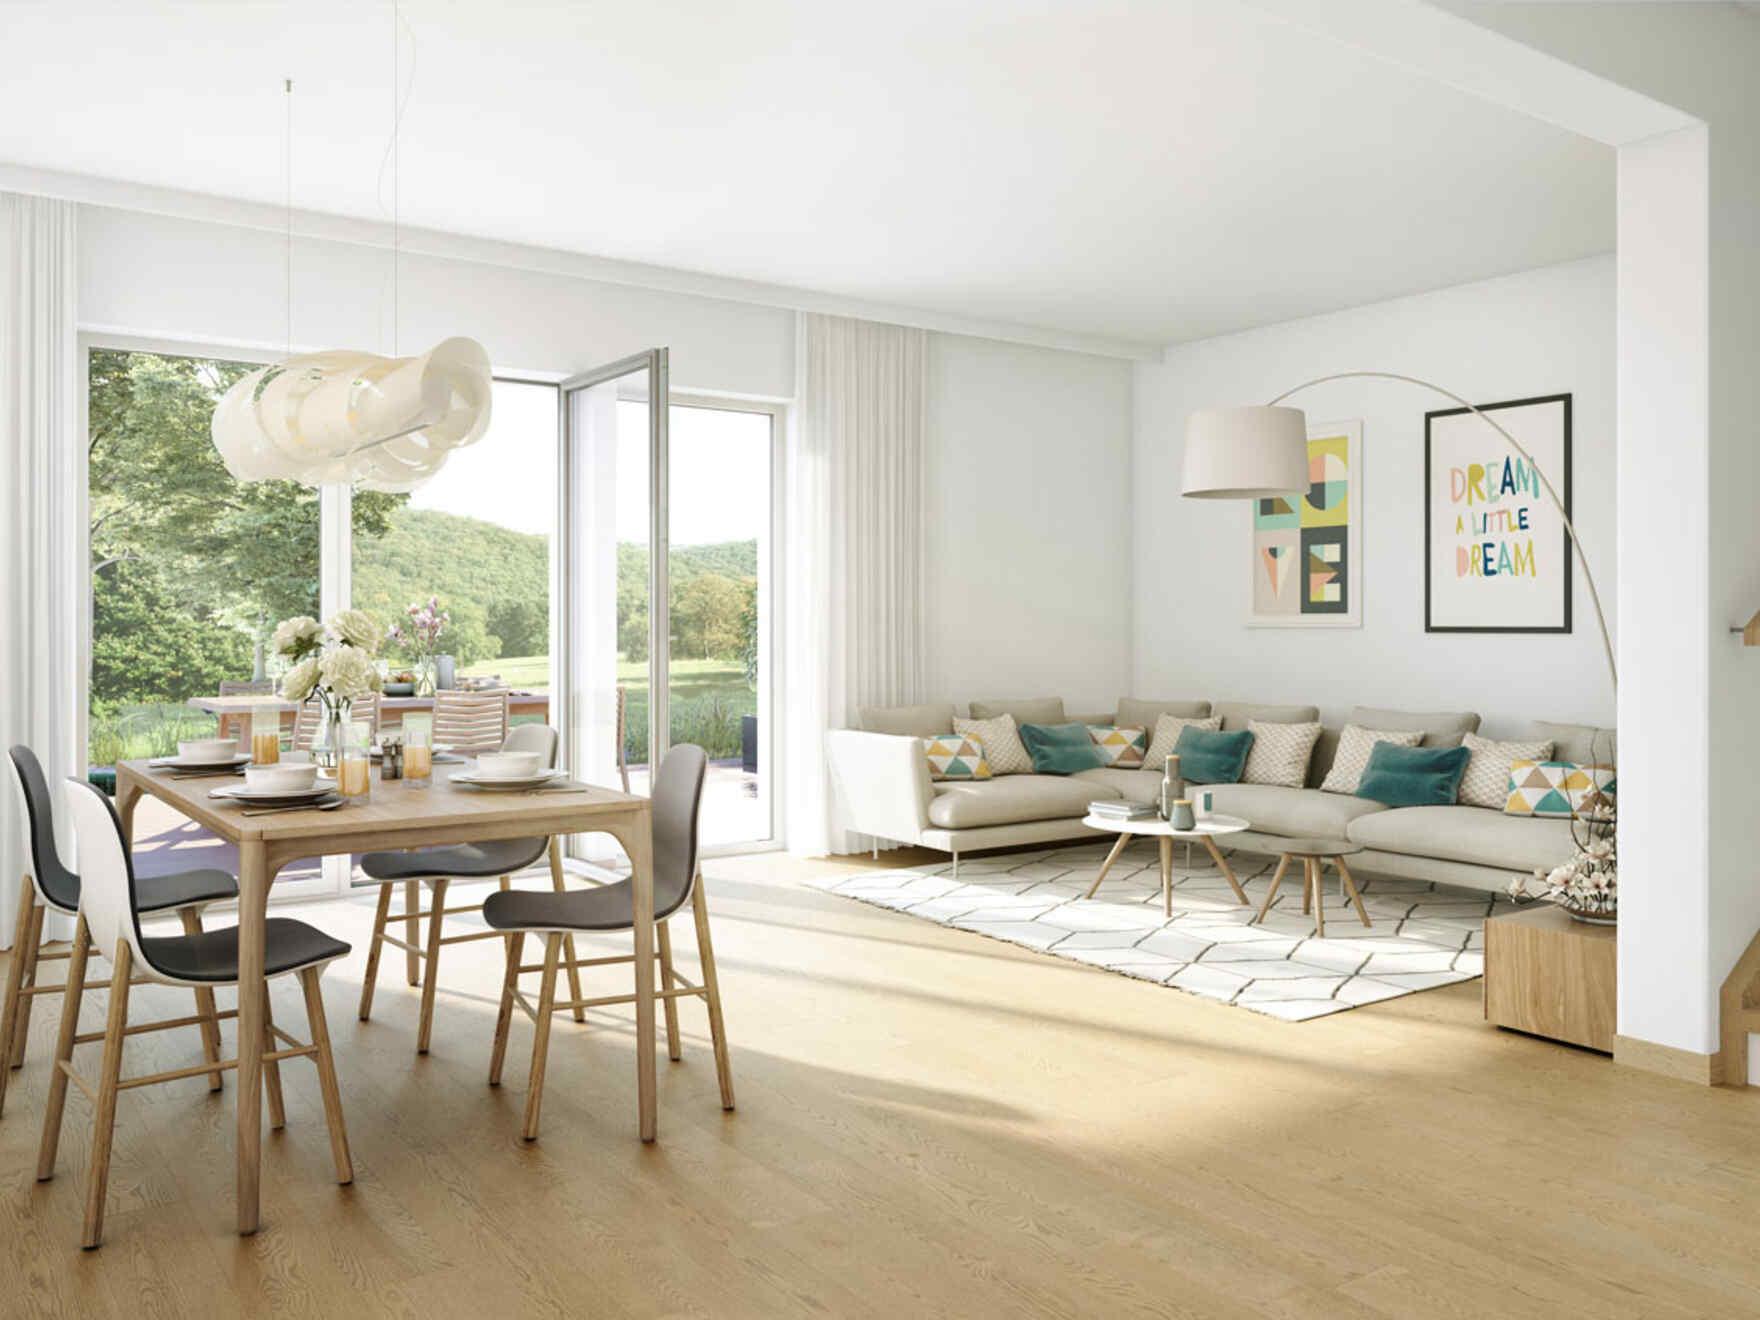 VARIO-HAUS Fertighaus Doppelhaus Duplex D97 | VARIO-HAUS ...